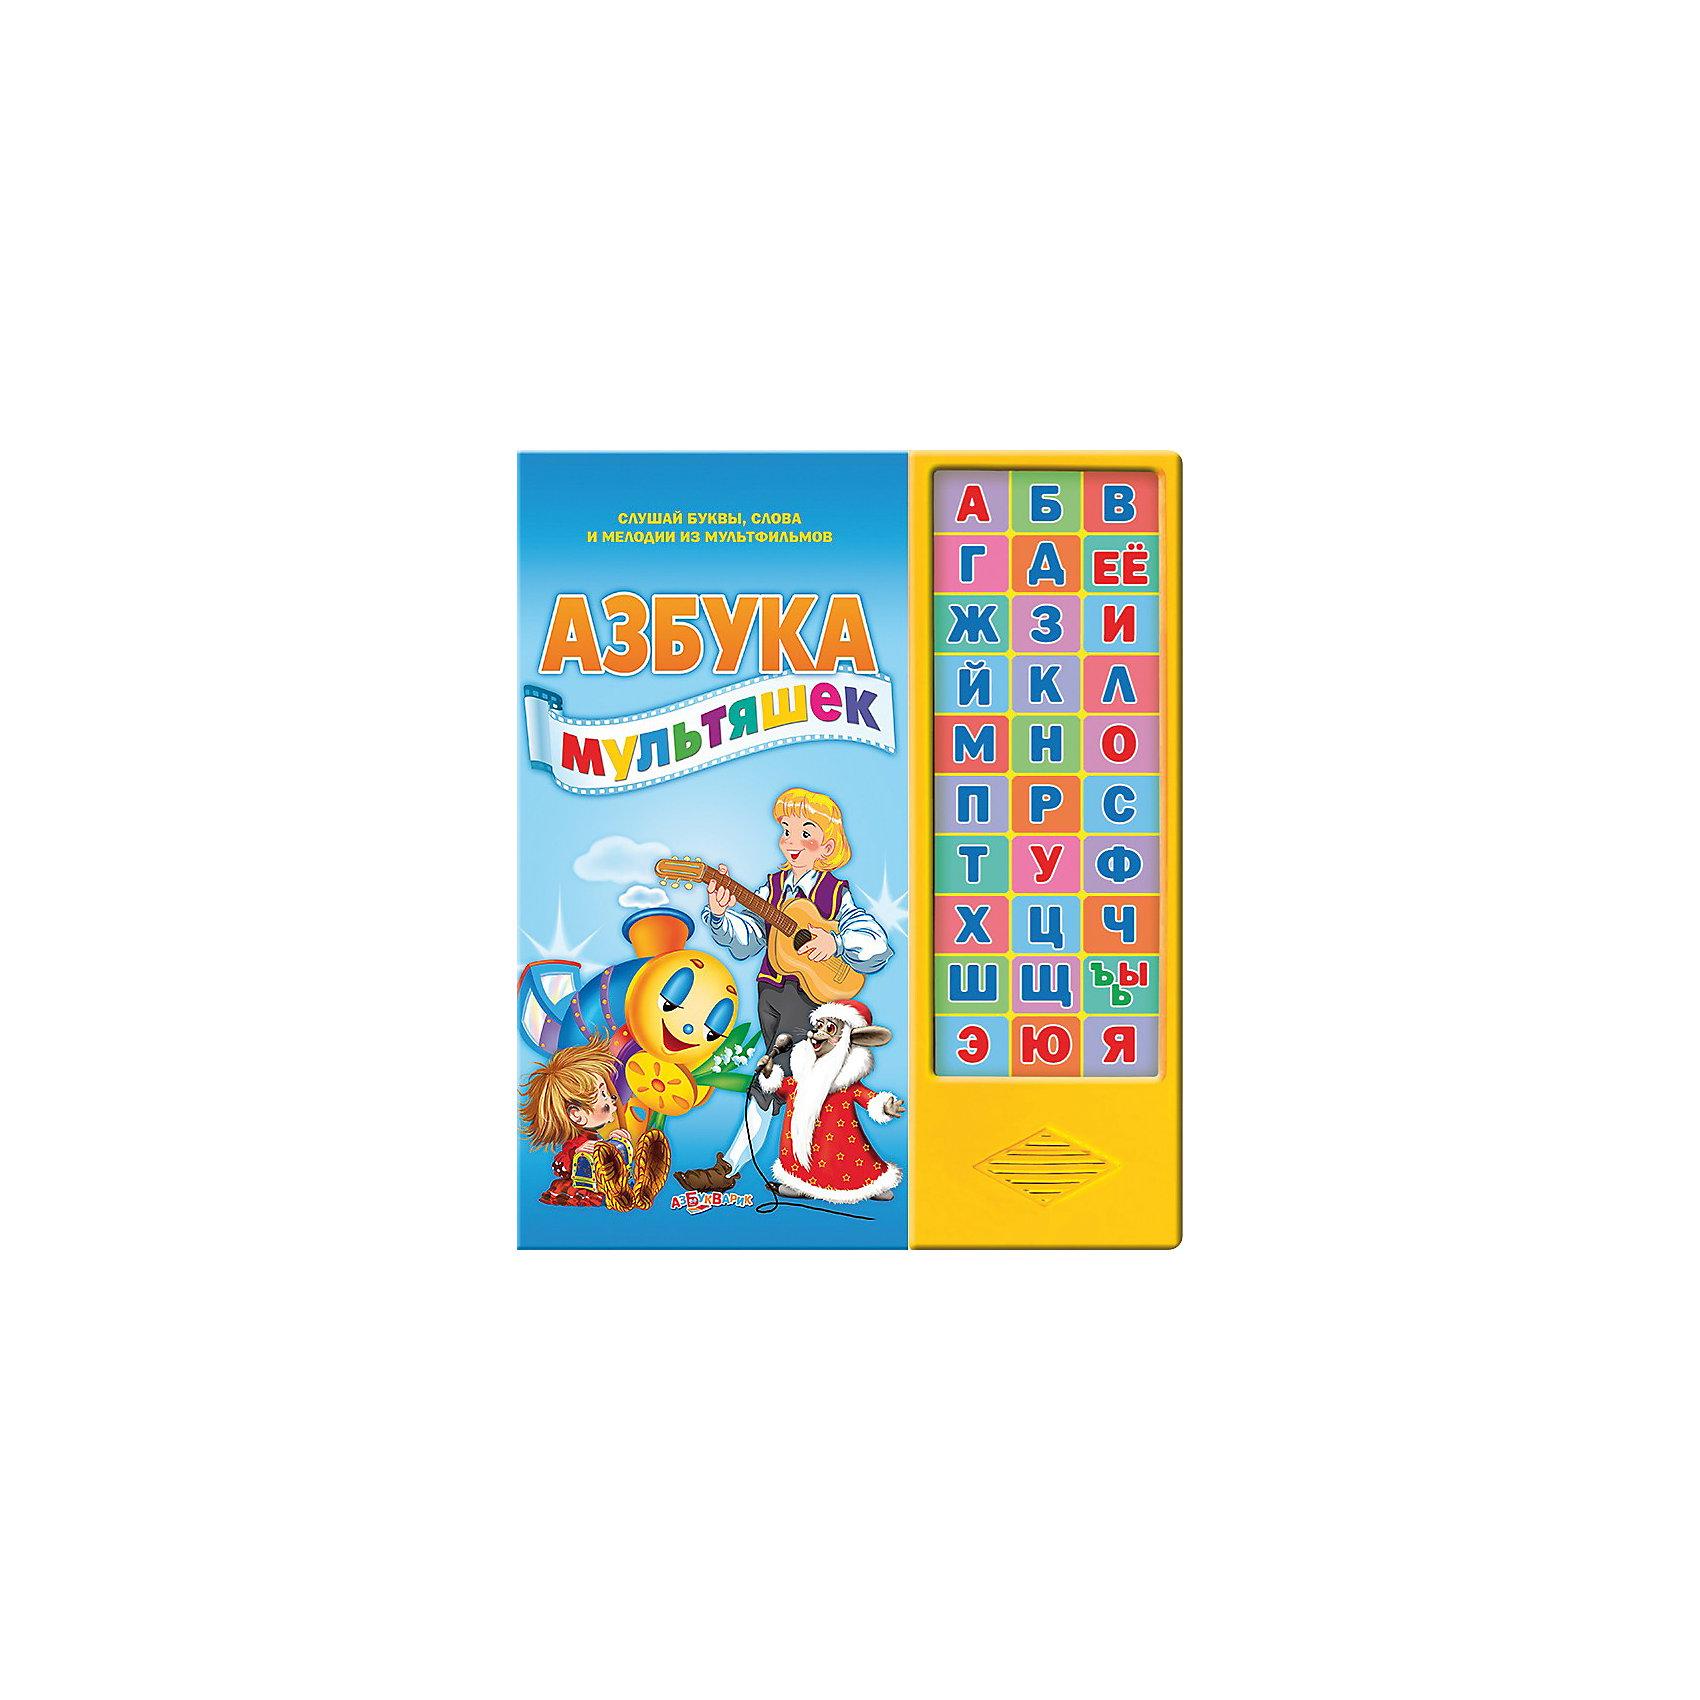 Азбука мультяшек.Азбукварик<br>Эти необычные азбуки - говорящие и музыкальные! Стоит малышу нажать на кнопку - и он услышит букву, слово, весёлые голоса или забавную мелодию из мультфильма .Так ребёнок выучит алфавит и подружится с любимыми героями .<br><br> Дополнительная информация:<br><br>-Картонная книга со звуковым модулем.<br>-Формат 255х295 мм.<br>-Количество страниц:  16 карт. стр.<br>-Батарейки:   ААА (R03, LR03) (входят в комплект) <br><br>Азбуку мультяшек можно приобрести в нашем интернет-магазине.<br><br>Ширина мм: 260<br>Глубина мм: 20<br>Высота мм: 295<br>Вес г: 638<br>Возраст от месяцев: 36<br>Возраст до месяцев: 60<br>Пол: Унисекс<br>Возраст: Детский<br>SKU: 2564079